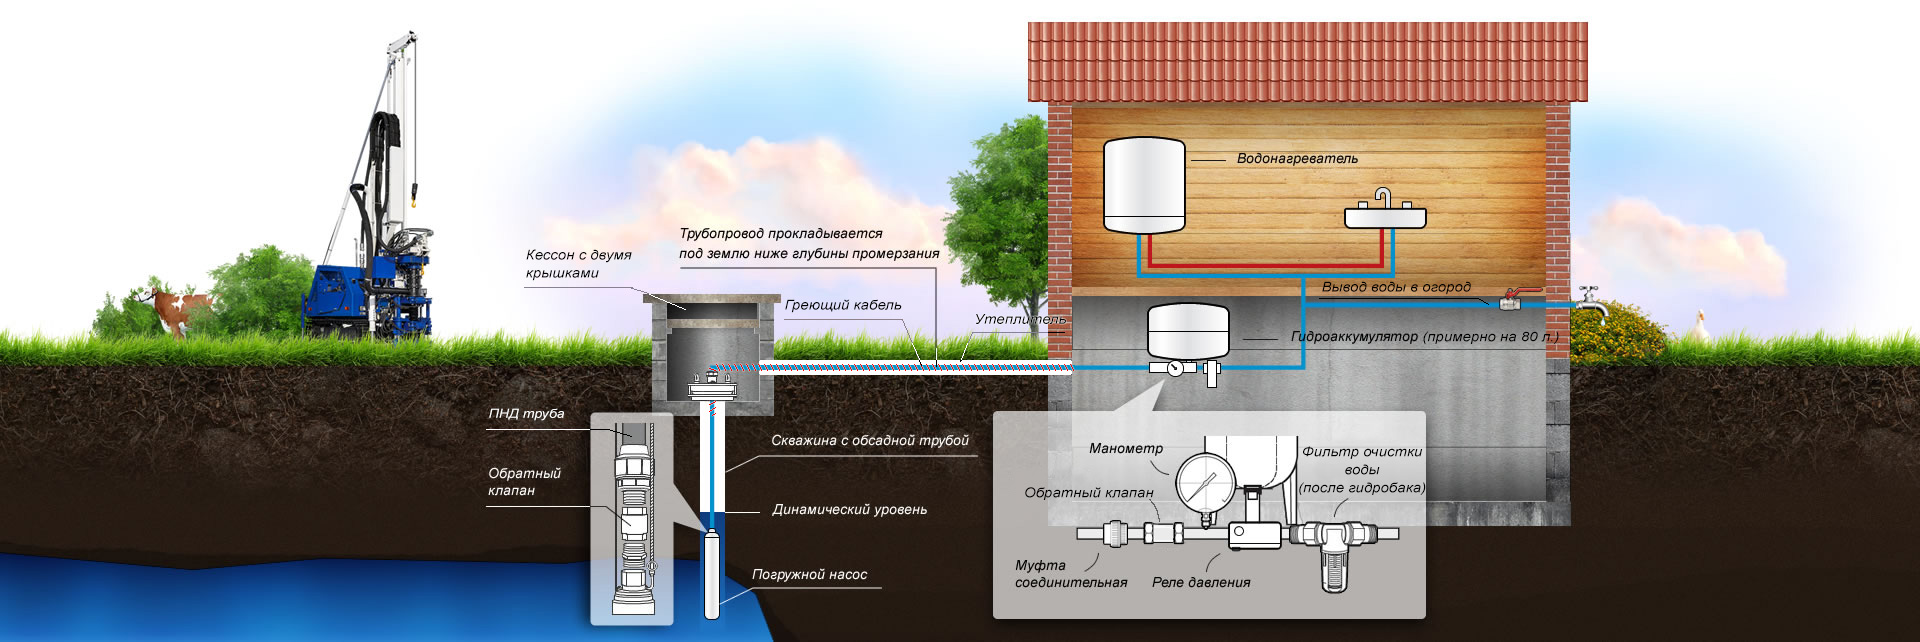 Фото схема скважины для воды